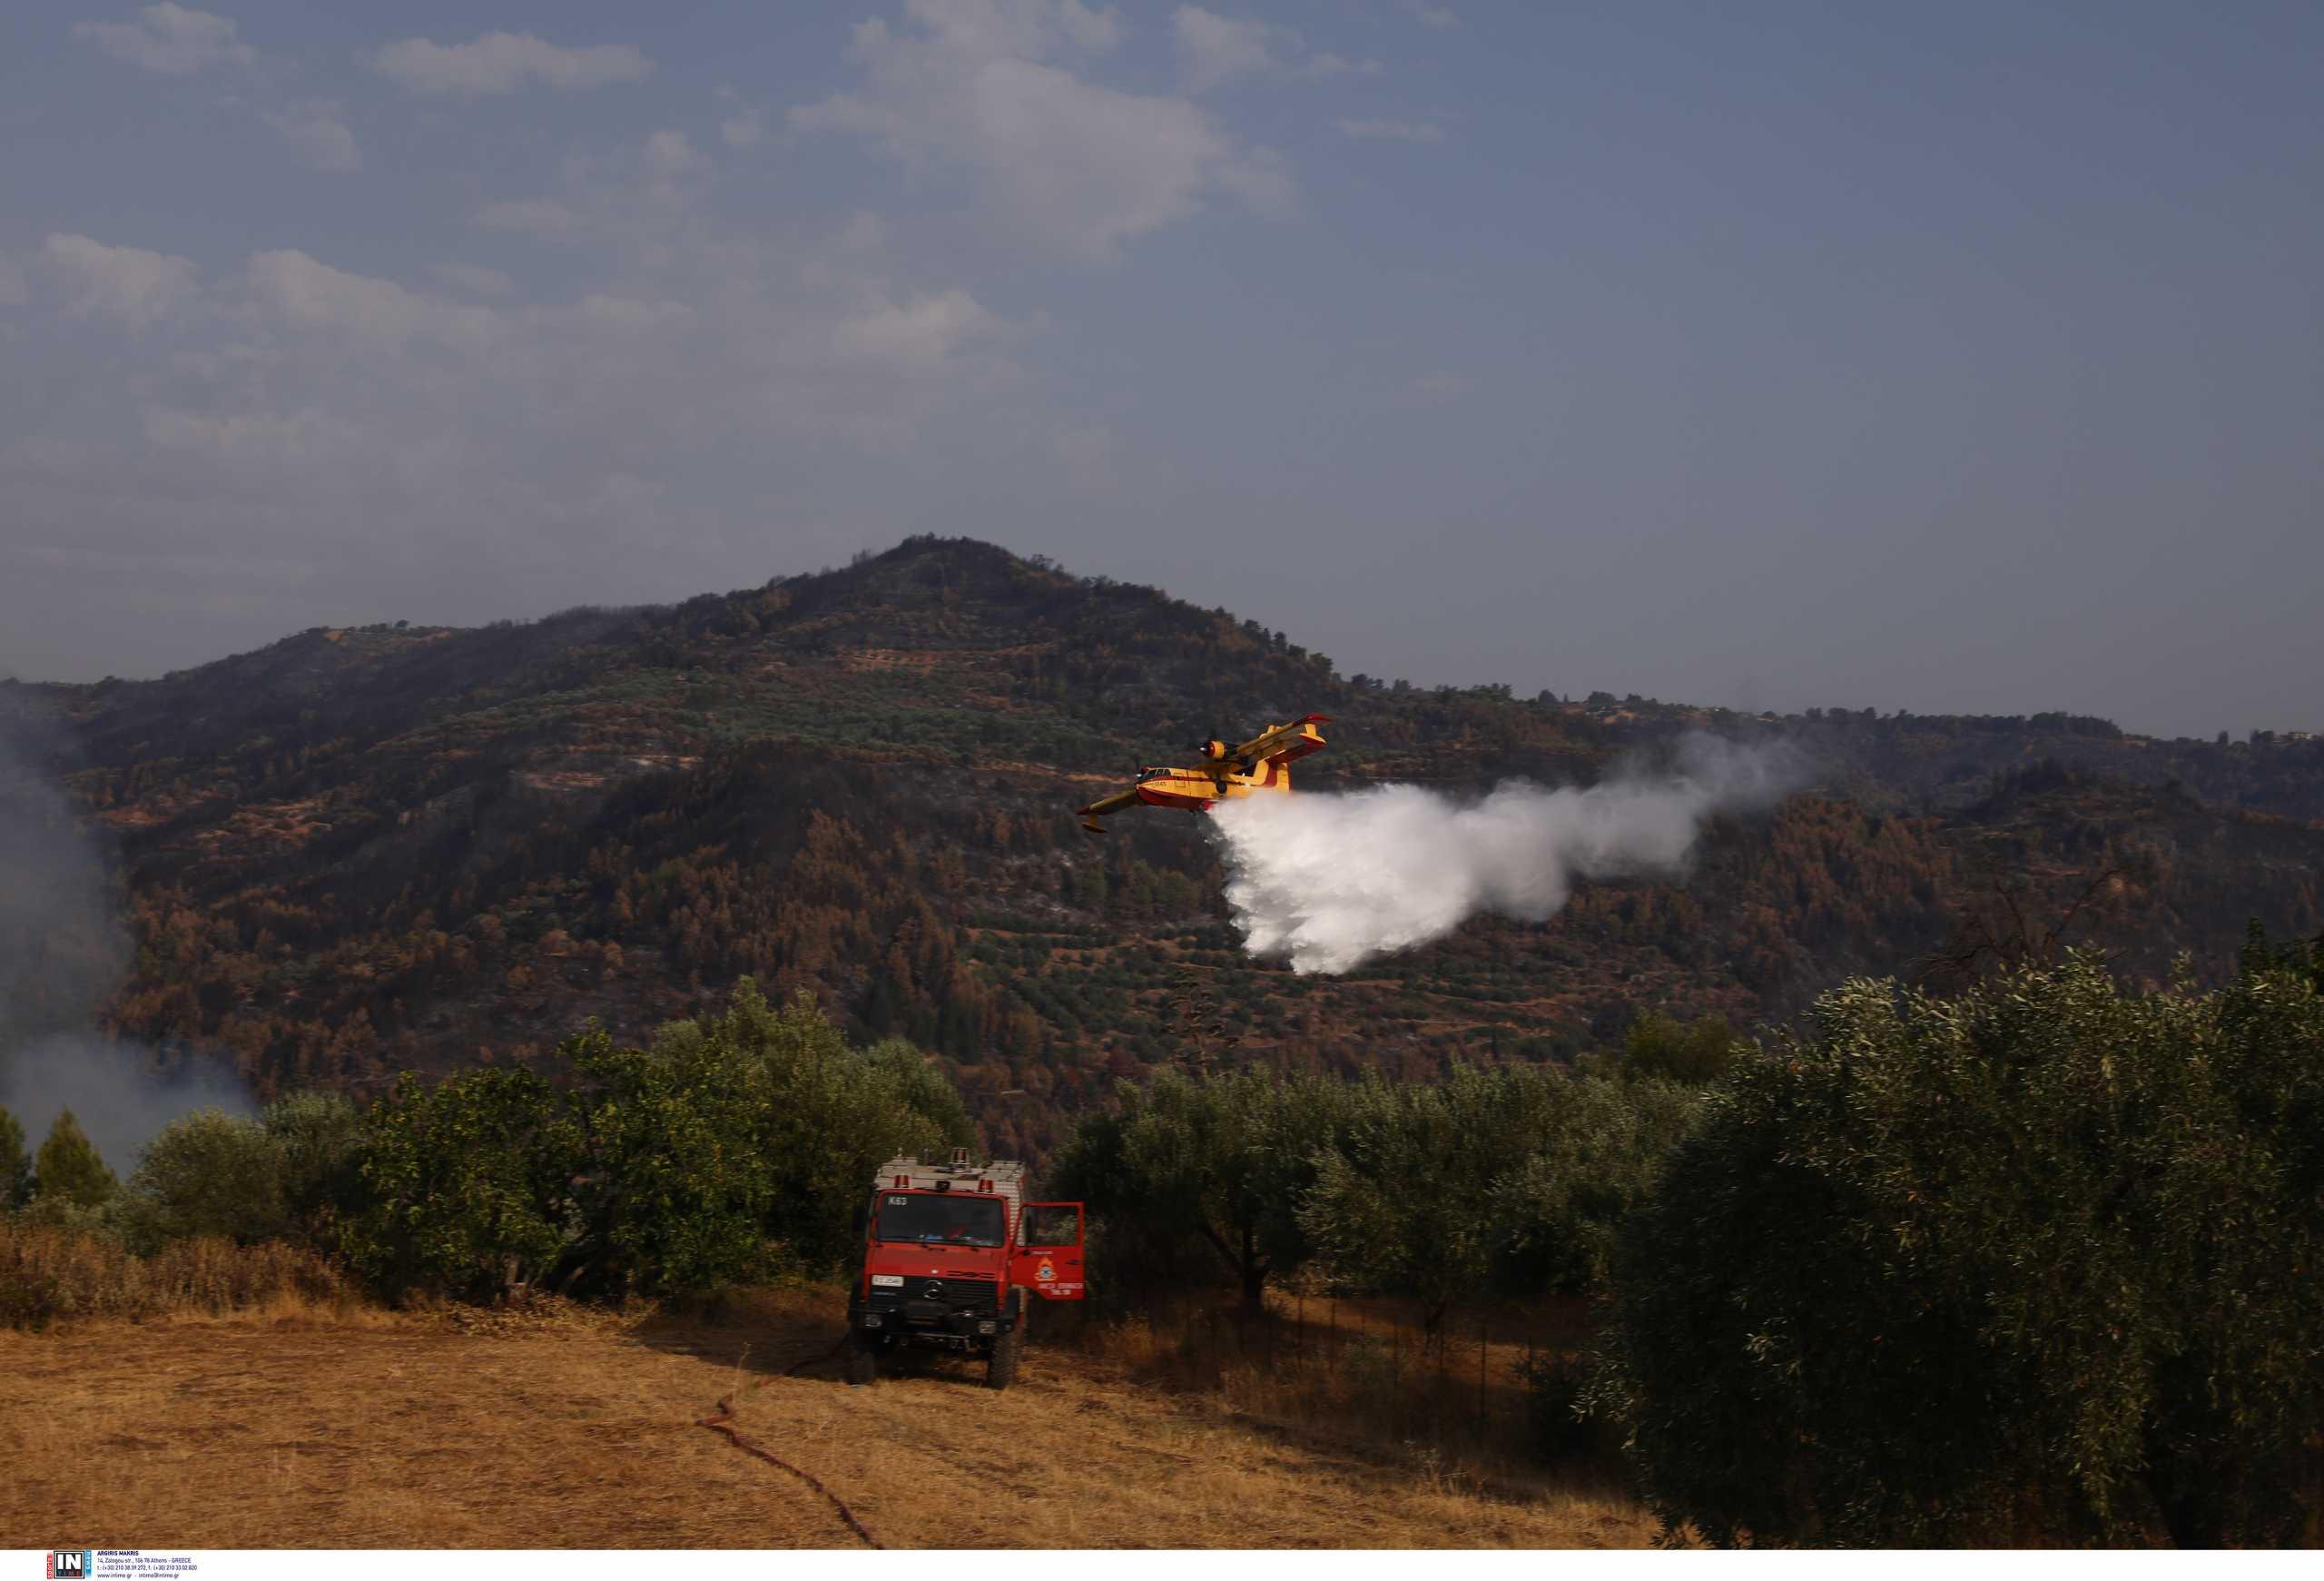 Φωτιά στην περιοχή Δρυάλια Λακωνίας – Πάλευαν από γη και αέρα για την κατάσβεση